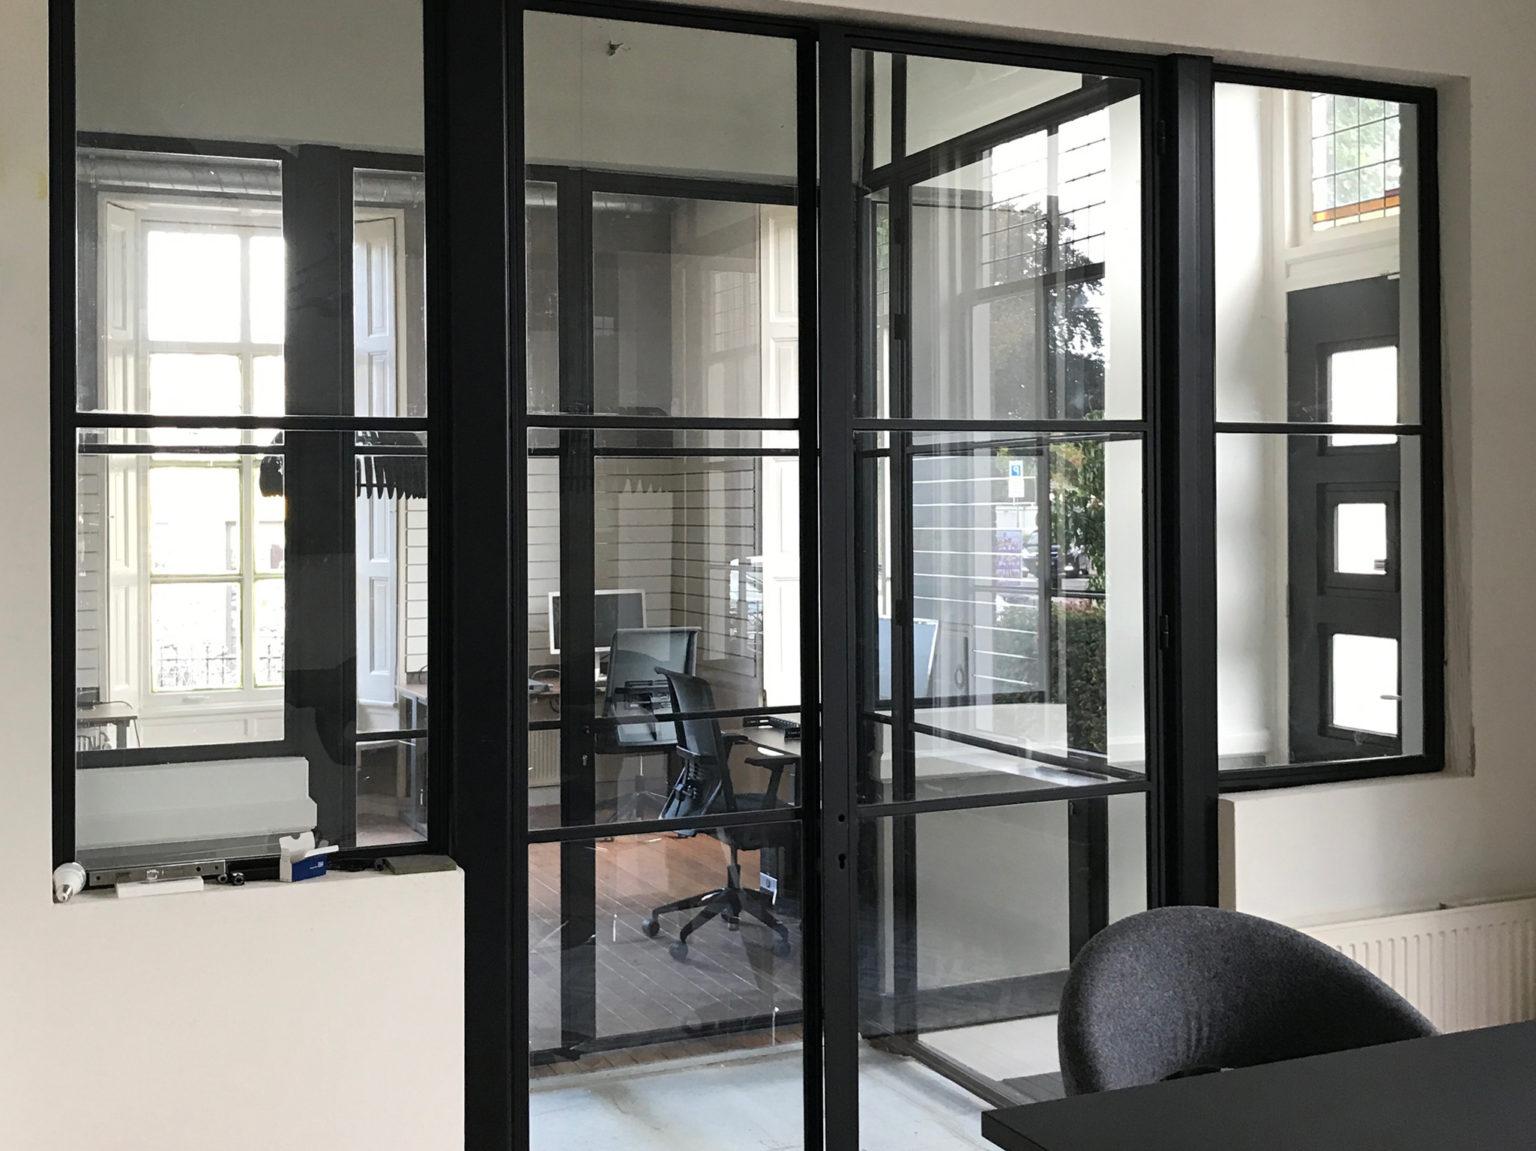 Zicht vanuit kantoor op entree kantoorvilla zonder raamfolie